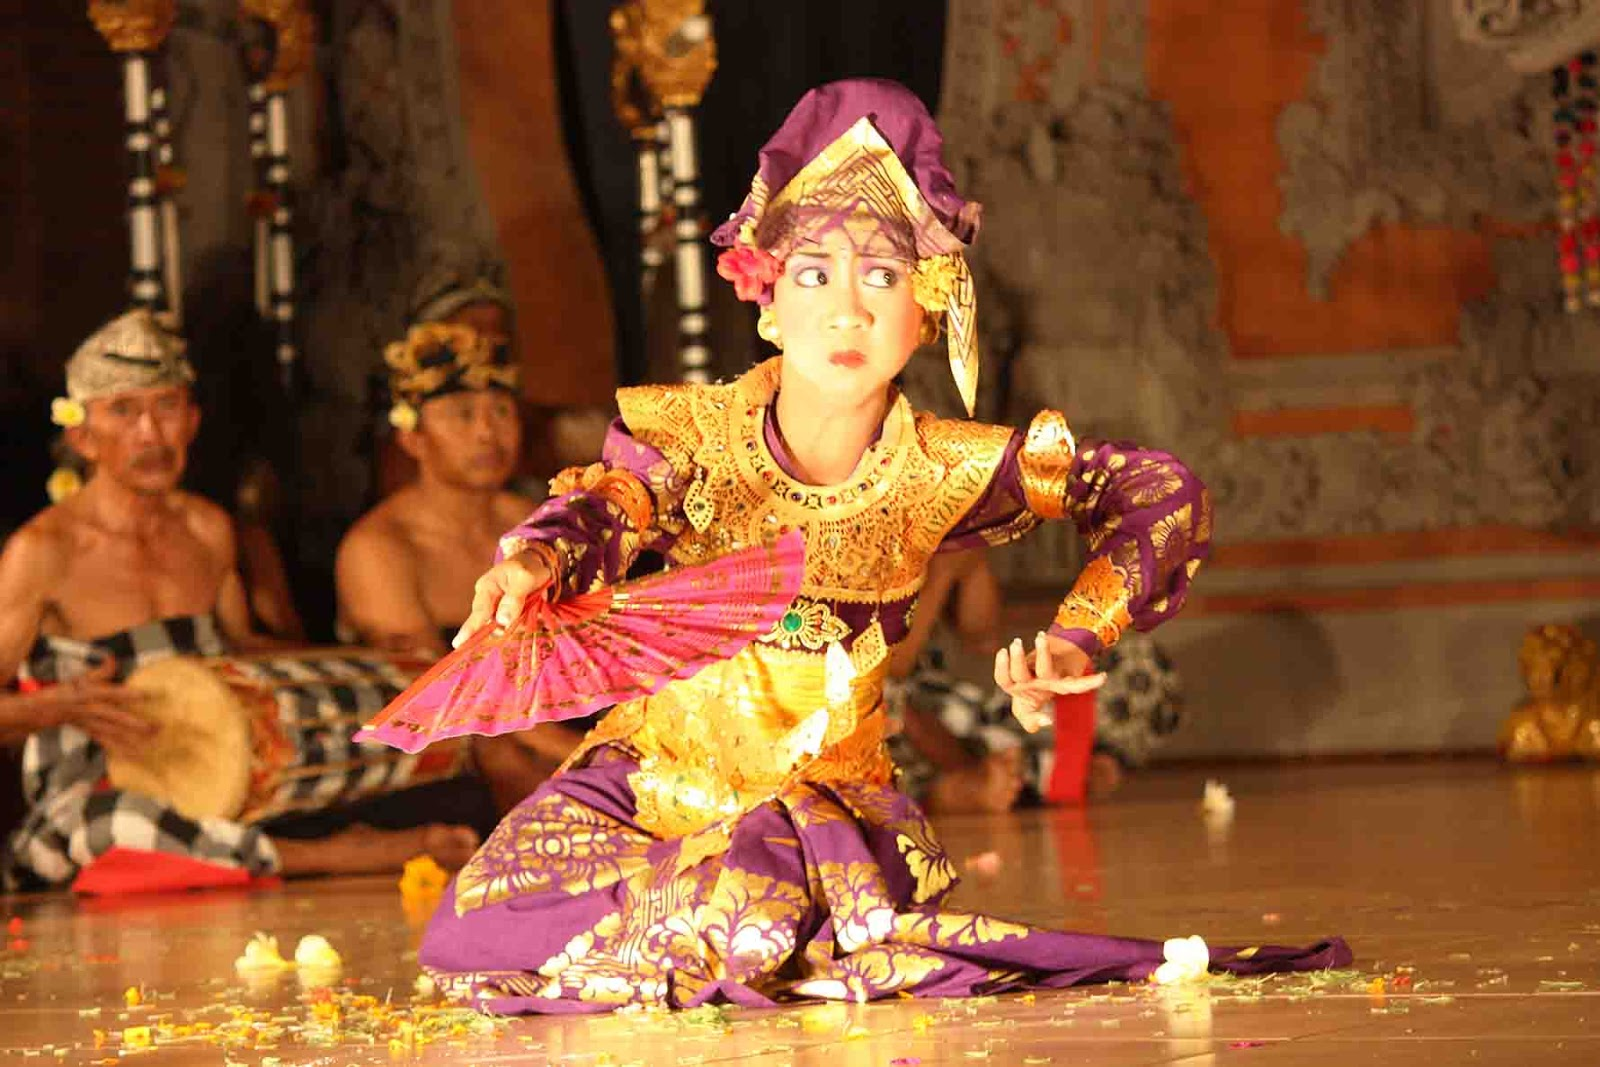 Tari Terunajaya, Tarian Tradisional Dari Buleleng Bali